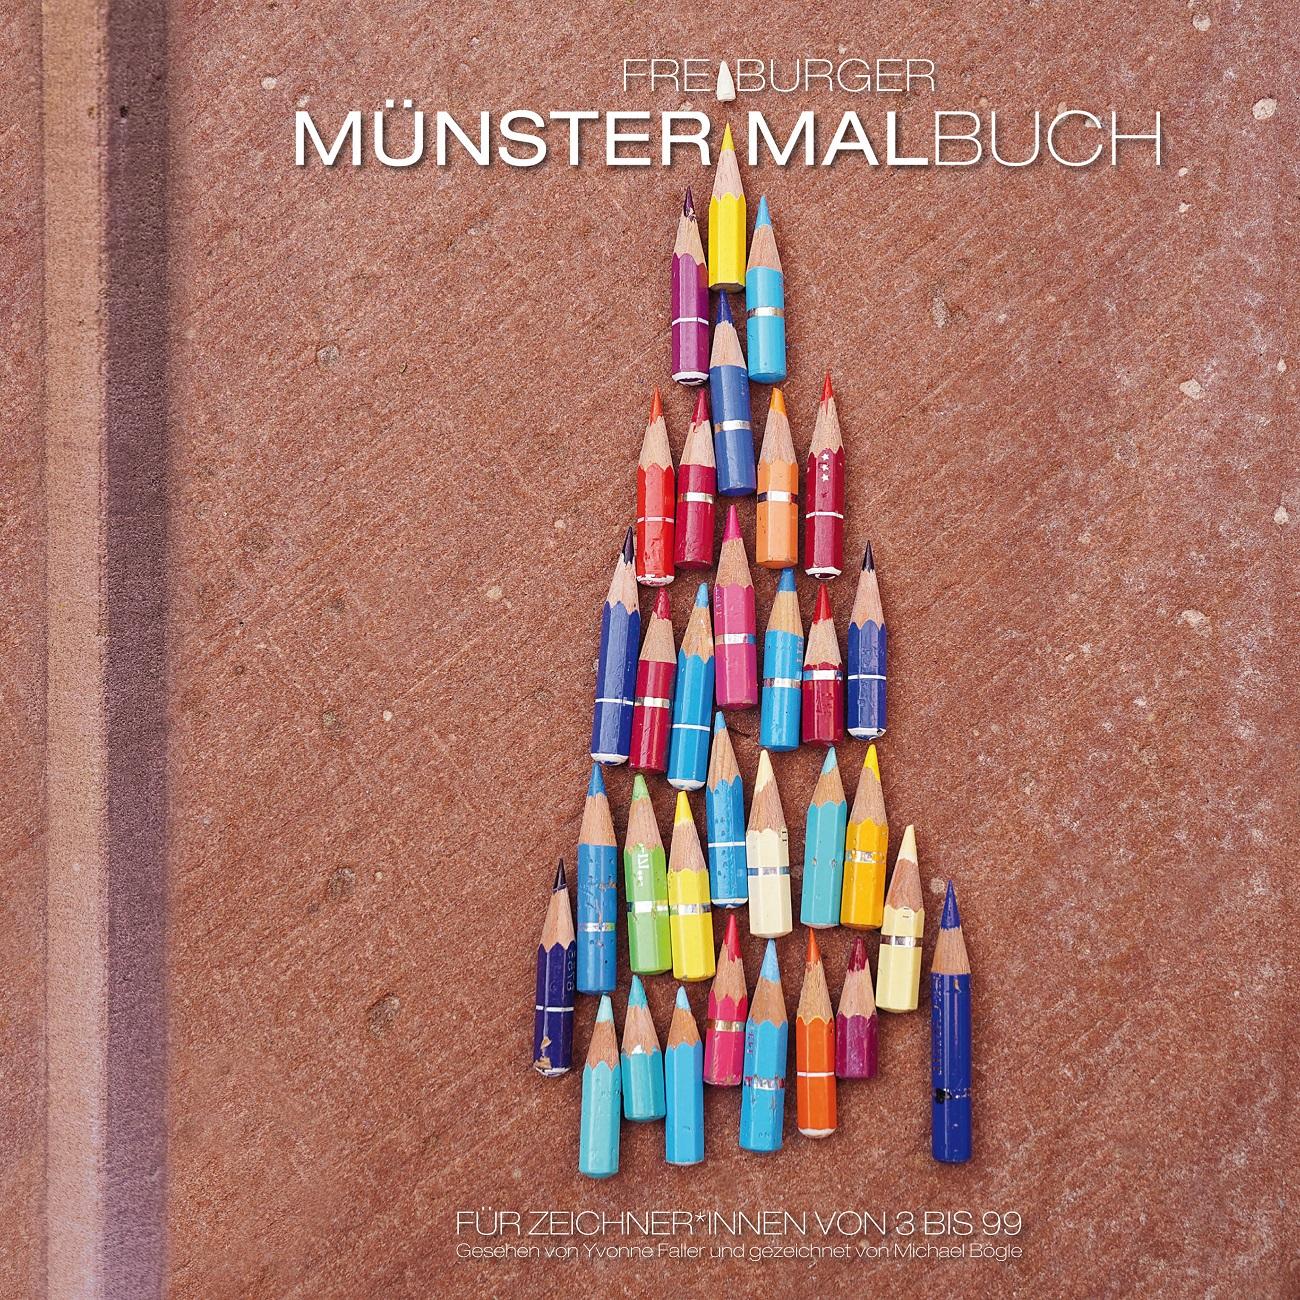 Münsterladen Freiburg Buch Freiburger Münstermalbuch